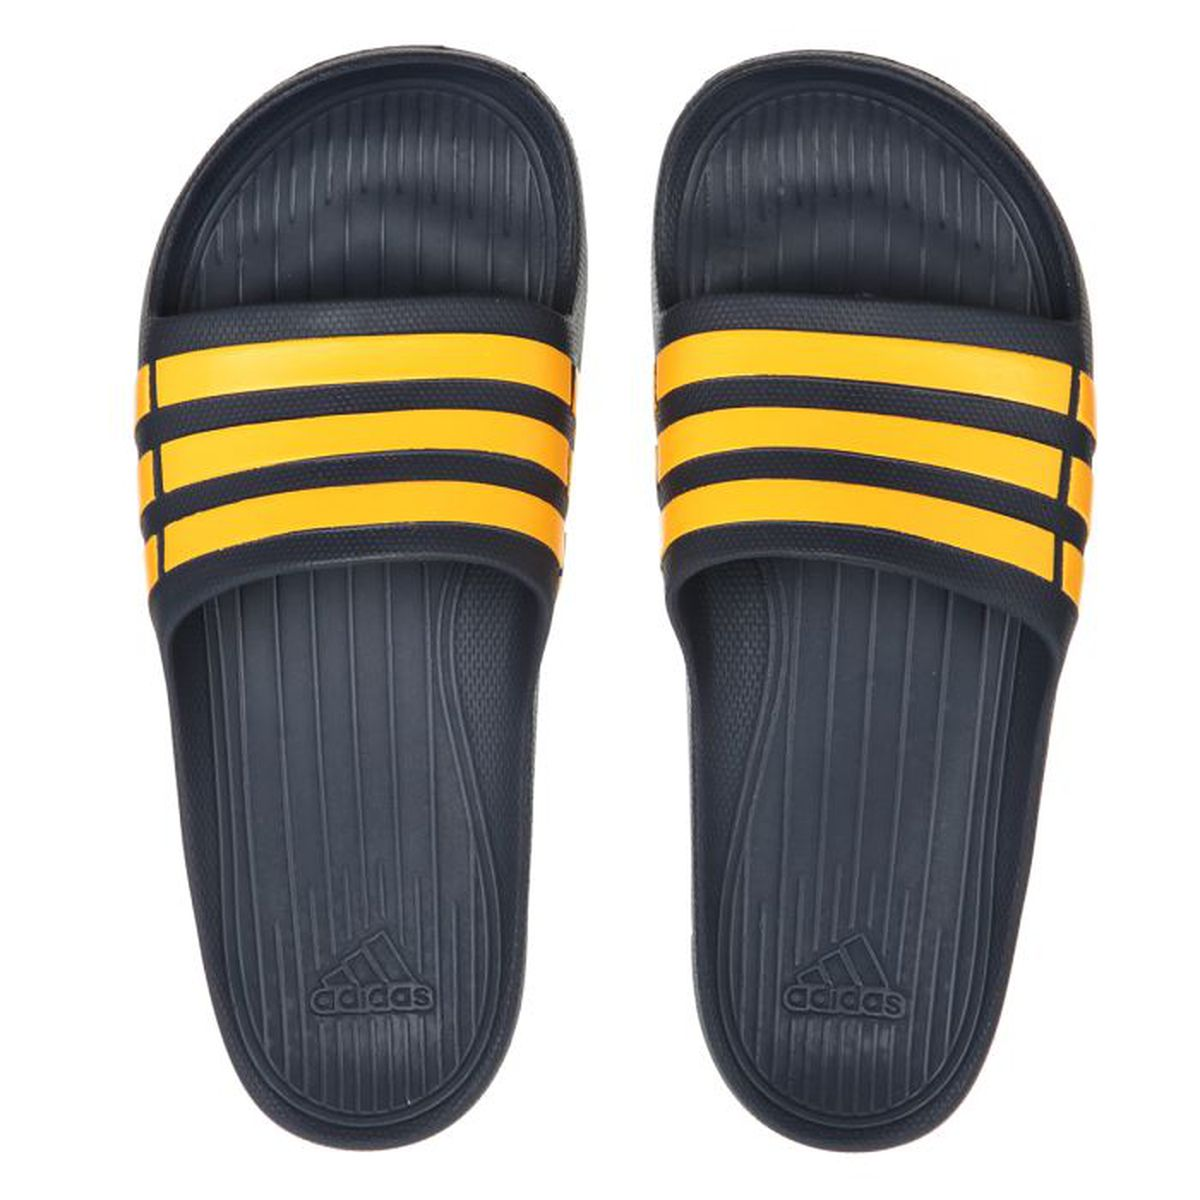 a18f3c098f0 ADIDAS Claquettes Duramo Slide Noir et jaune - Achat   Vente sandale ...